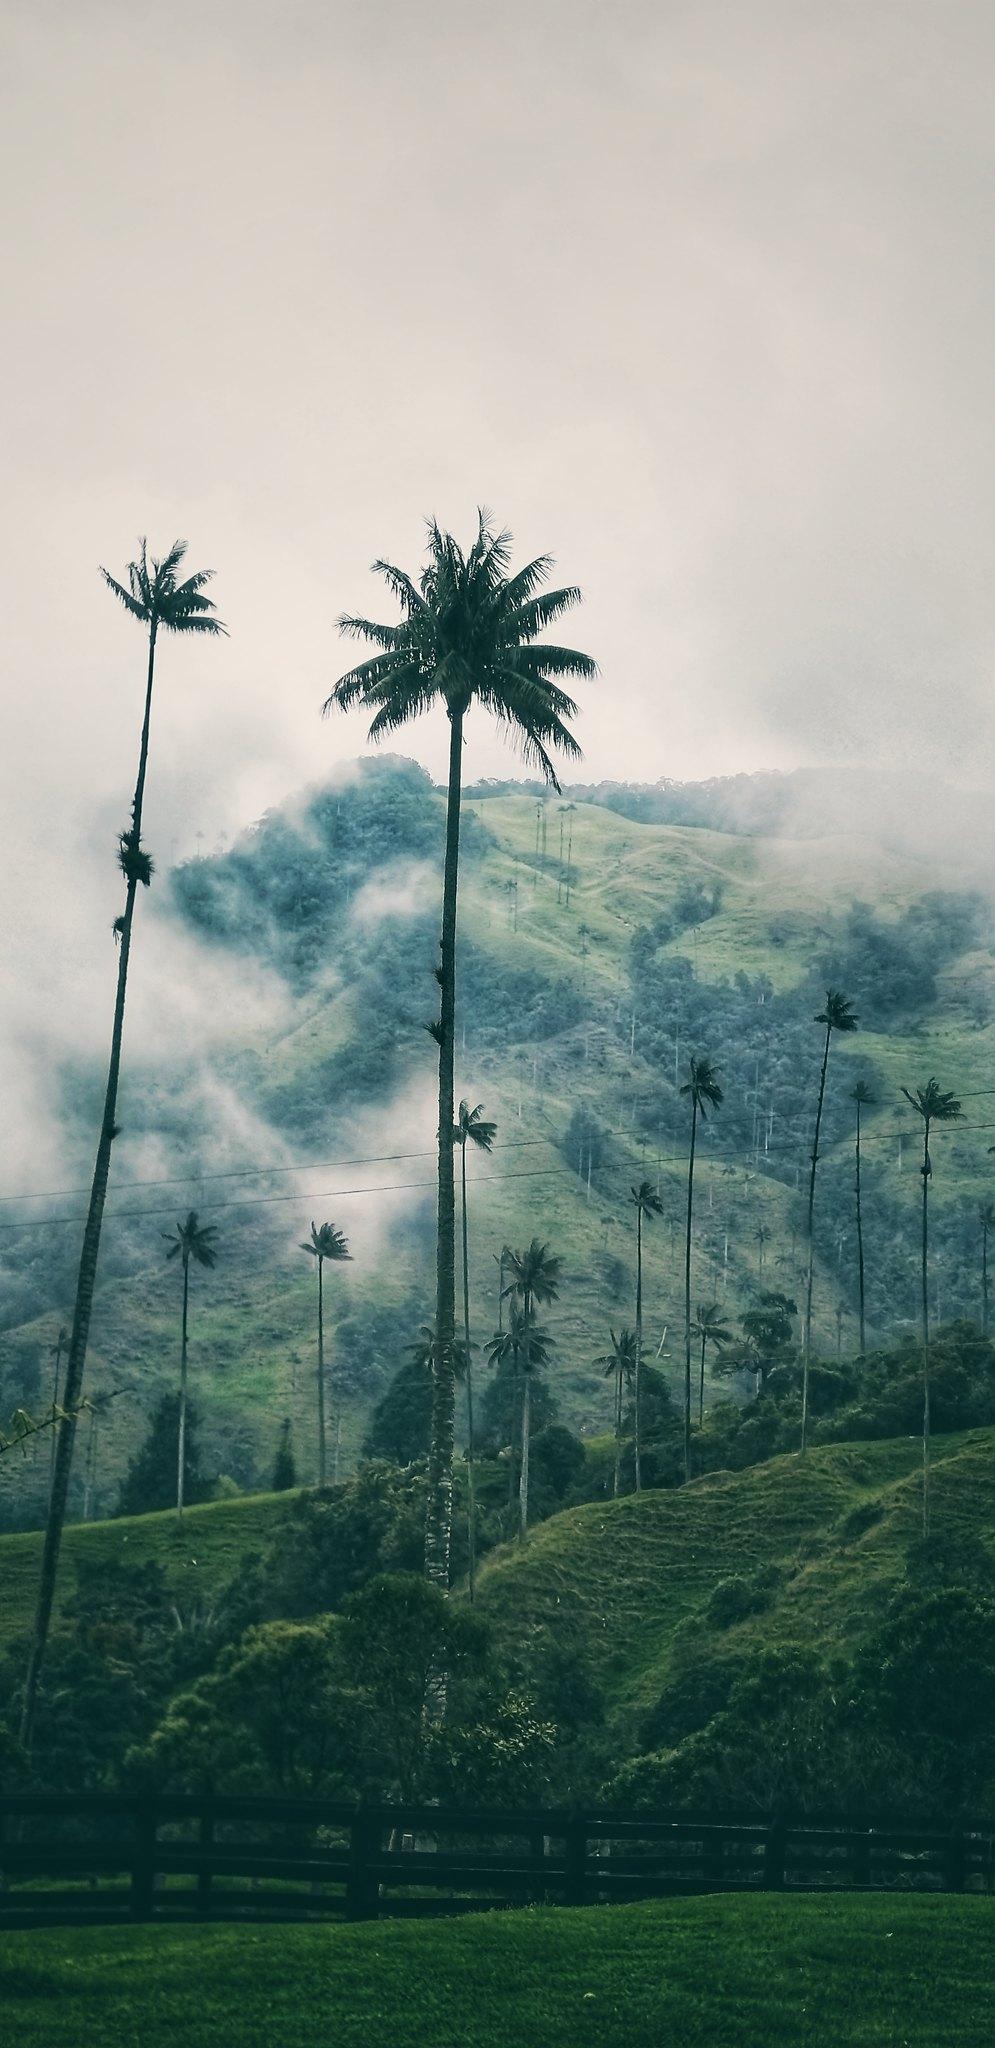 El valle de Cocora es un paisaje natural localizado en la cordillera central de los Andes colombianos, específicamente en el departamento del Quindío, en el área de influencia del Parque nacional natural Los Nevados. Cuenta con algunas poblaciones del árb